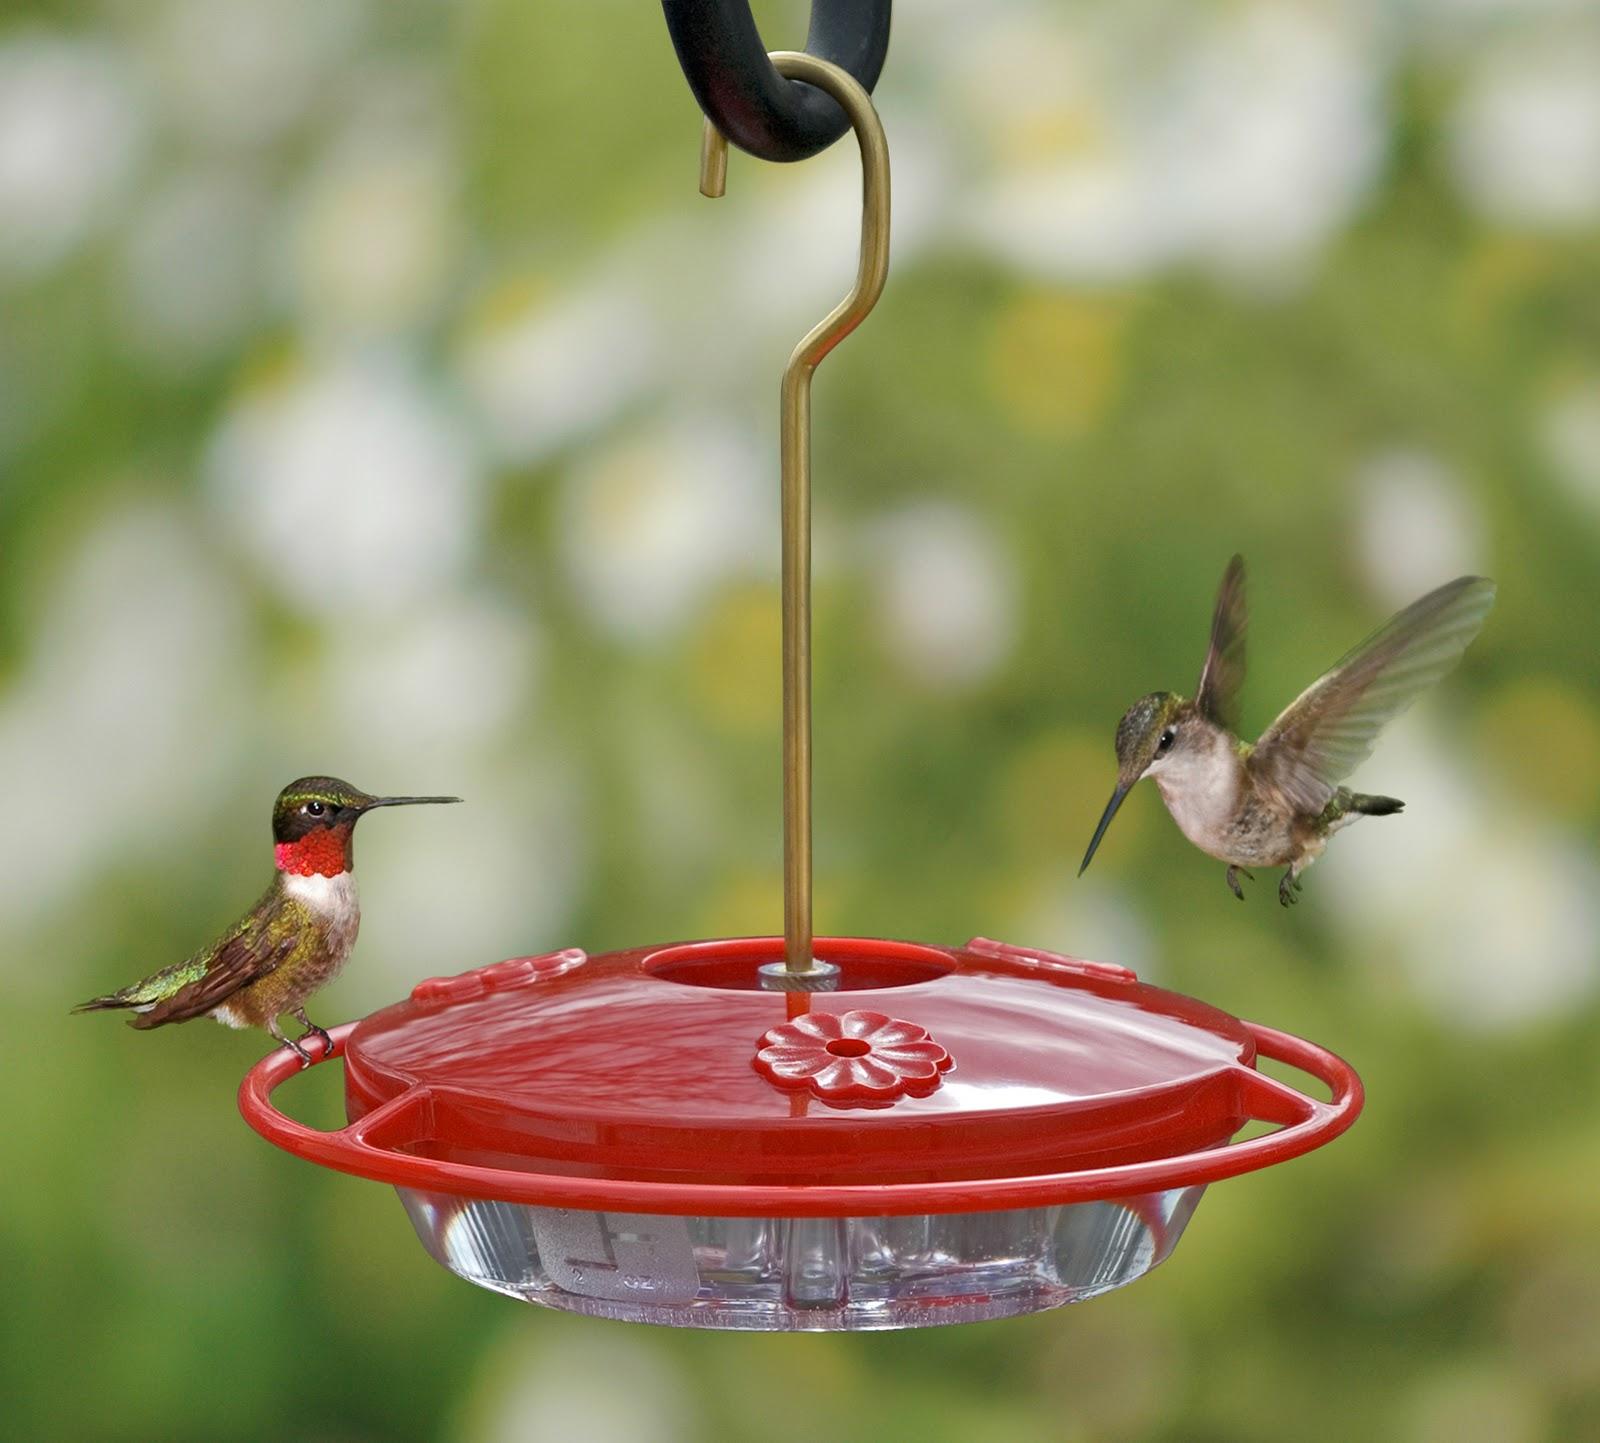 Wild Birds Unlimited The Best Hummingbird Feeders